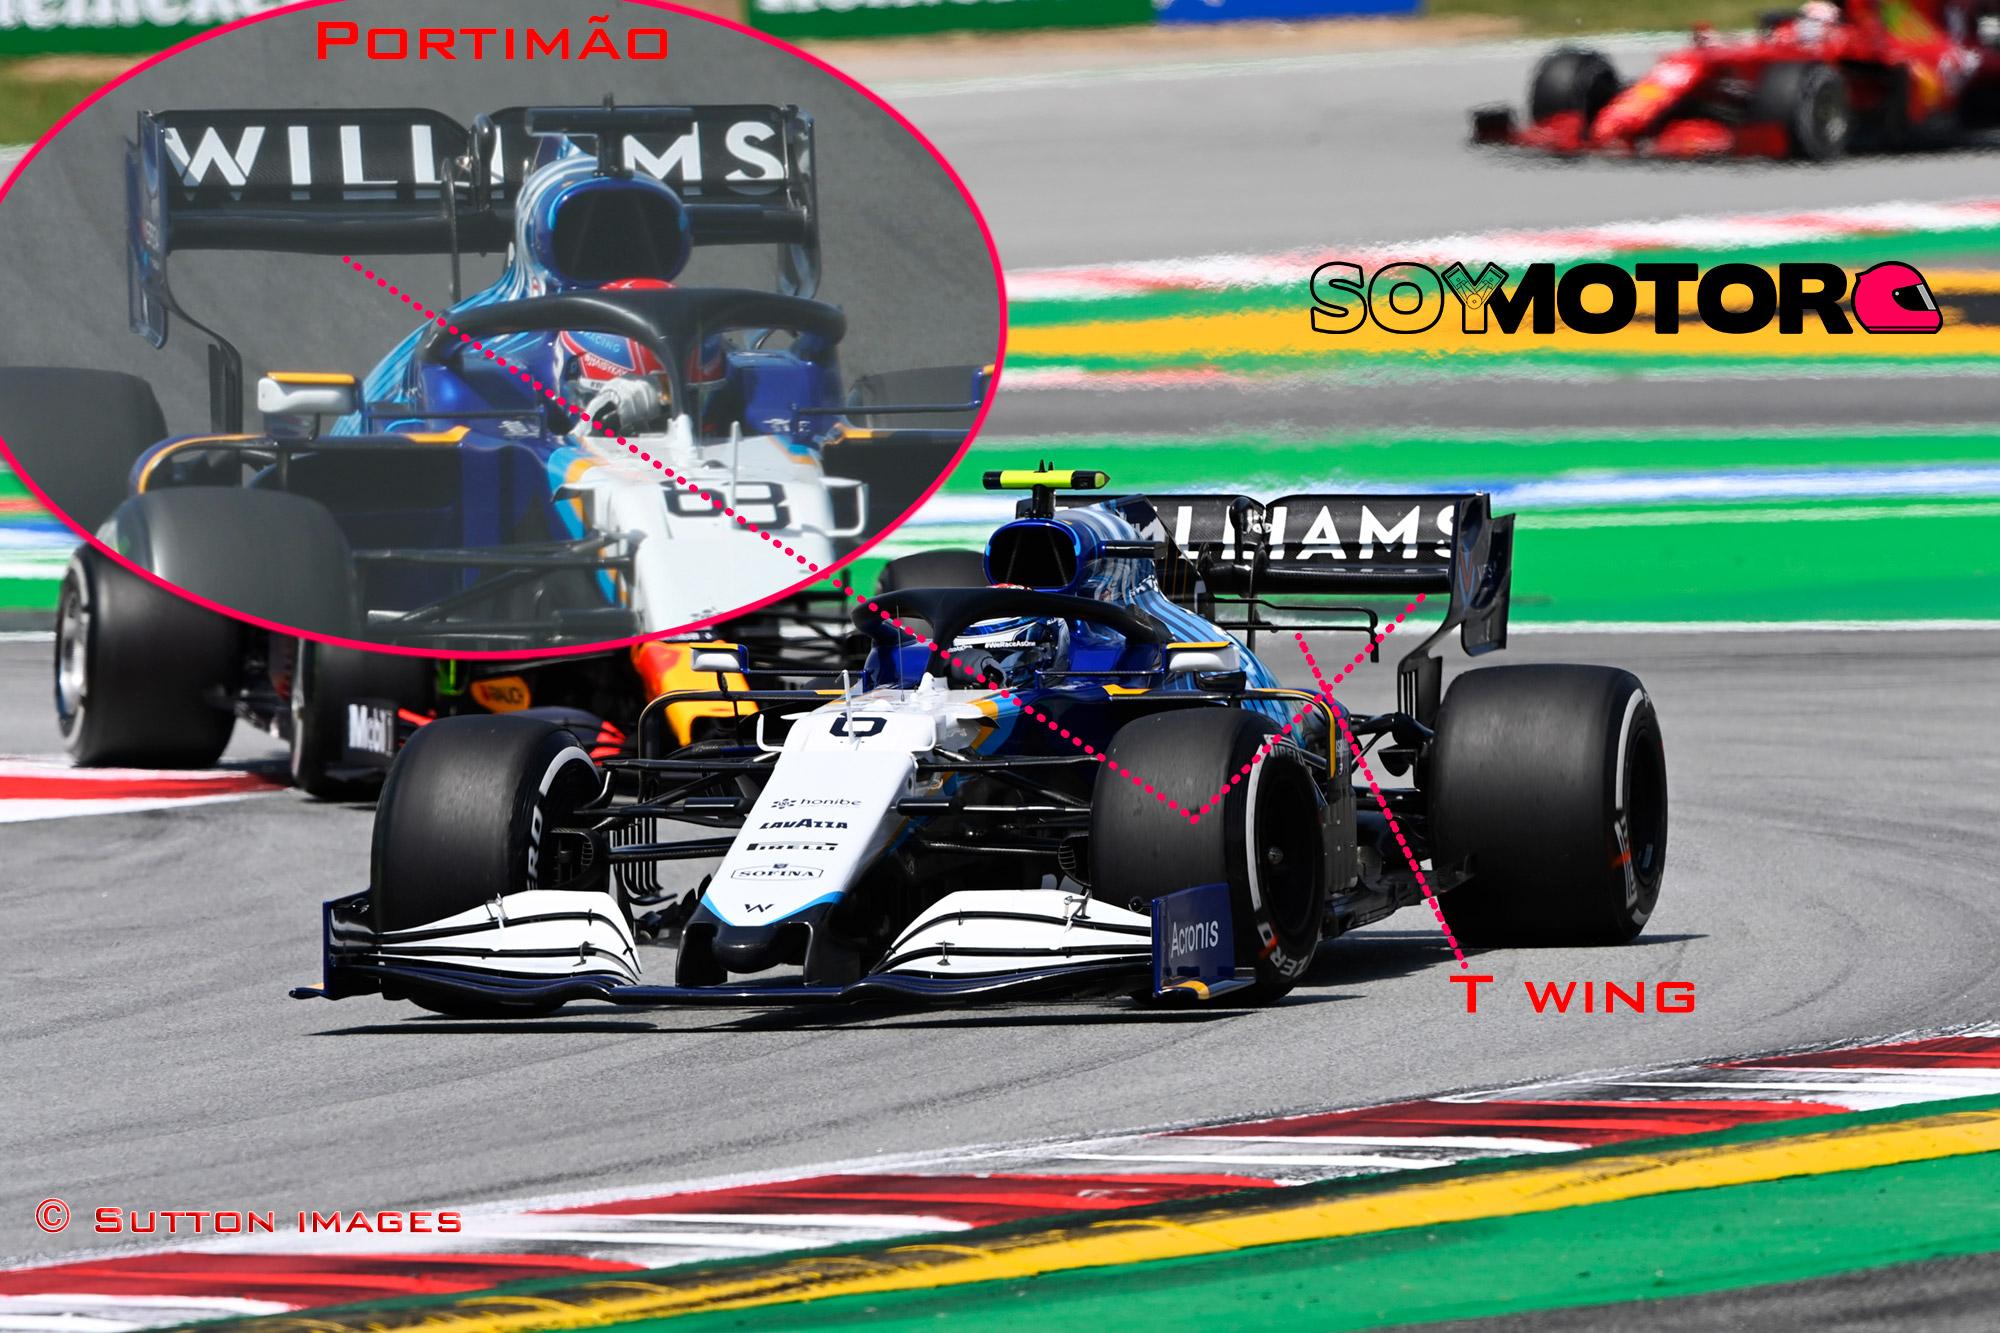 williams-ala-trasera-y-t-wing-soymotor_1.jpg